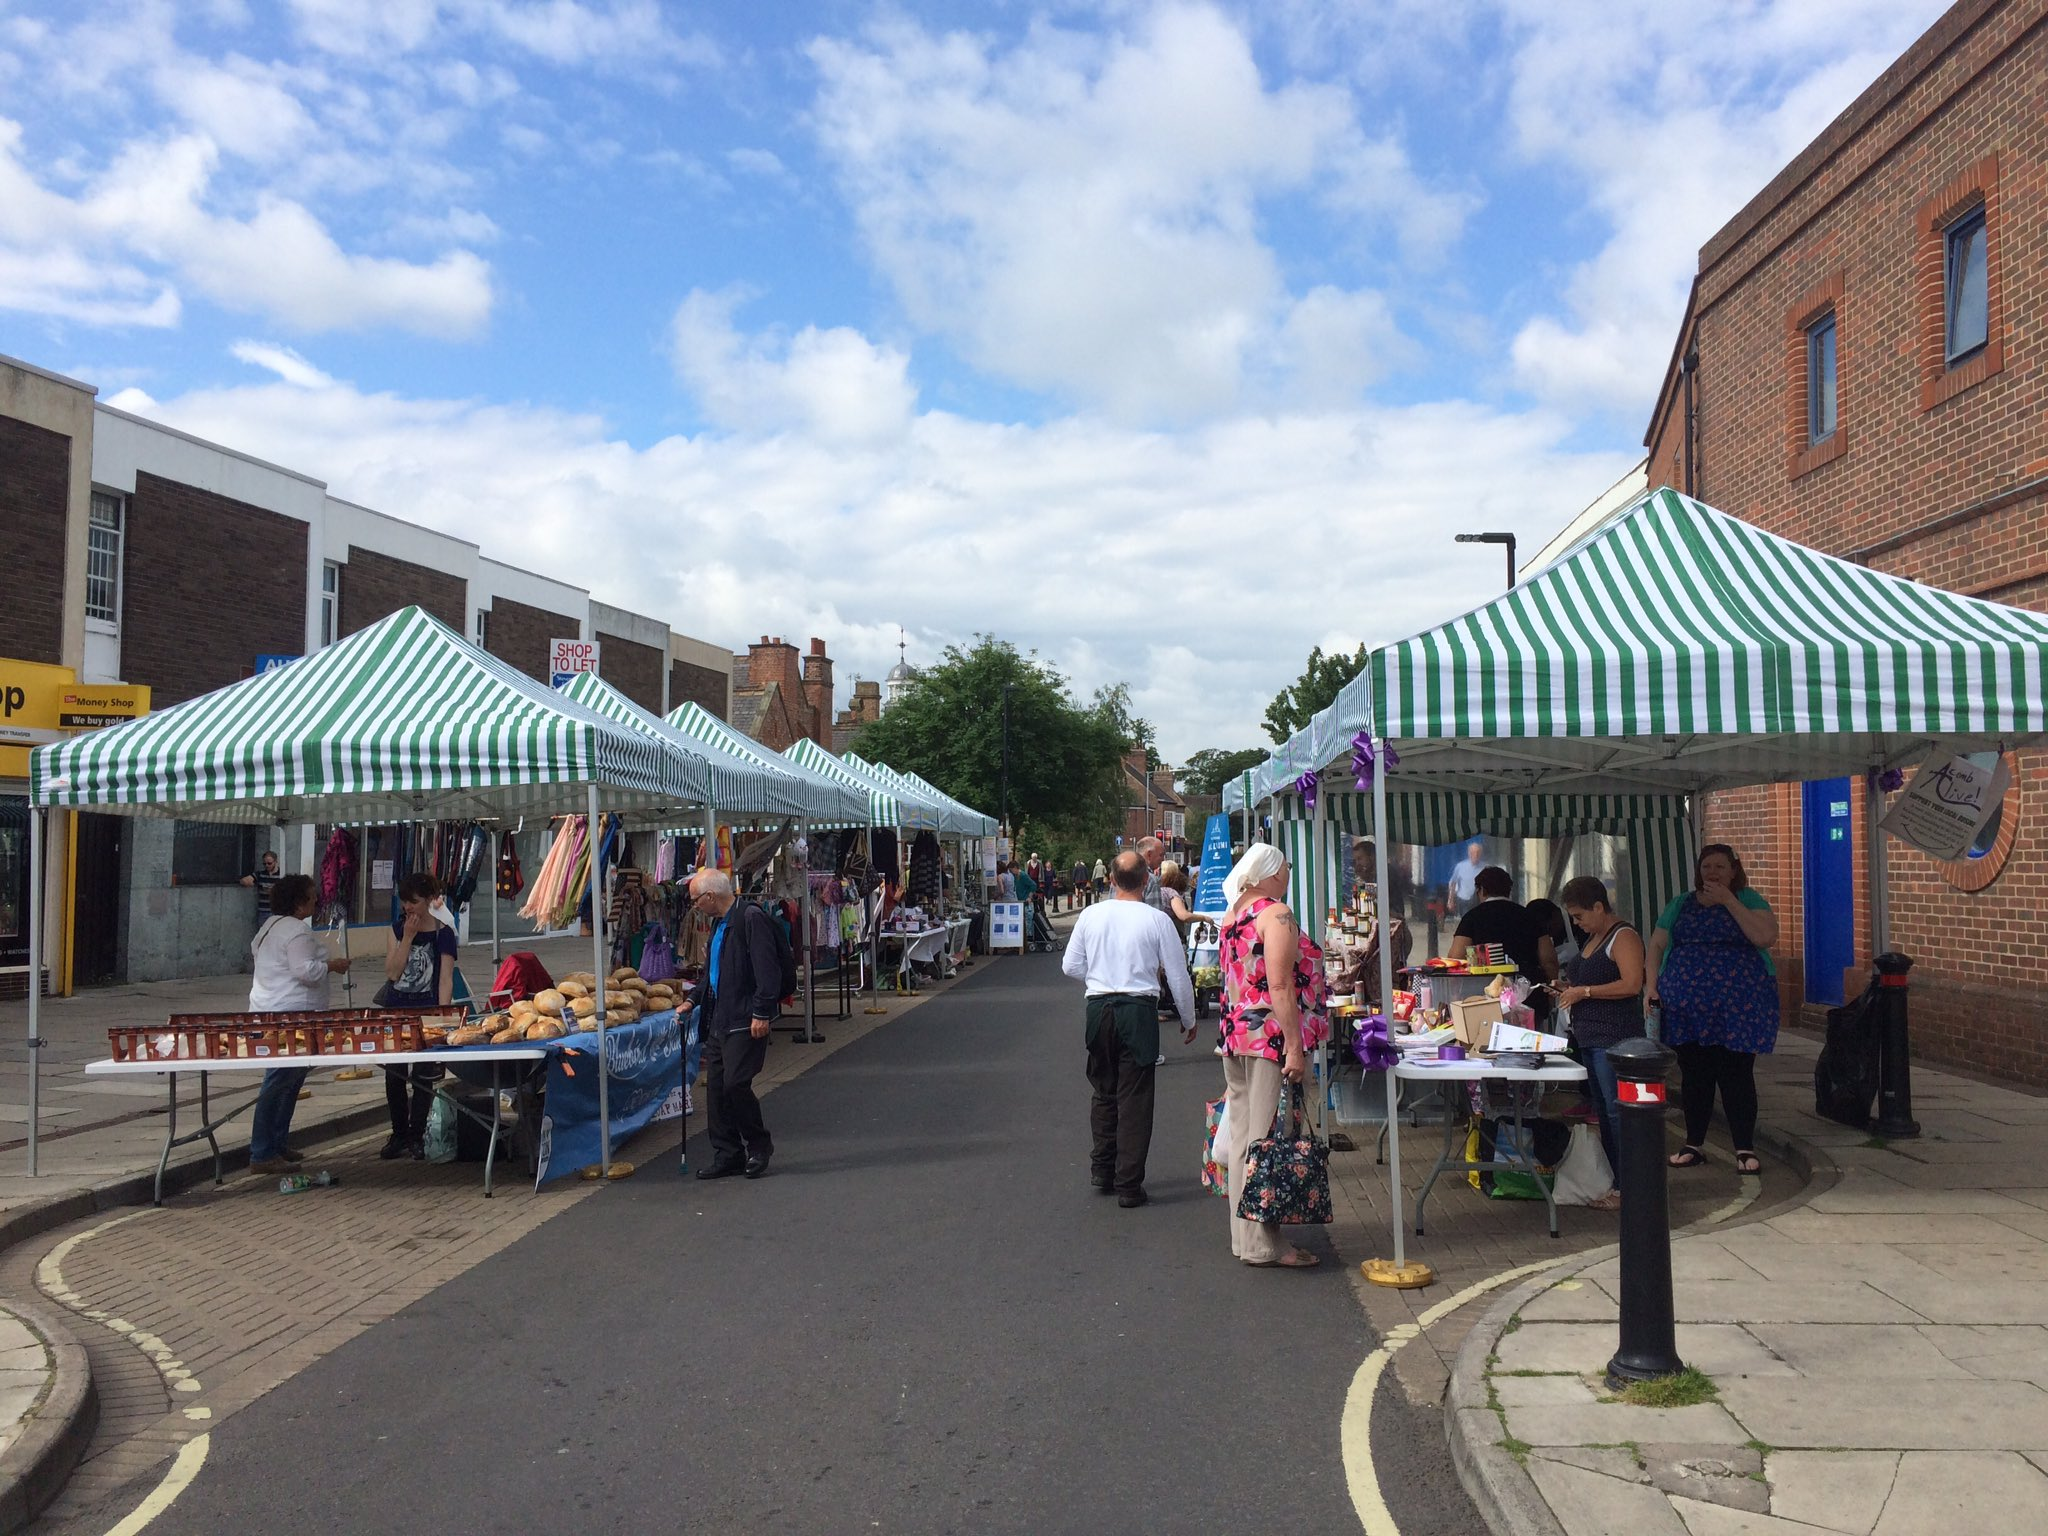 Acomb Market open